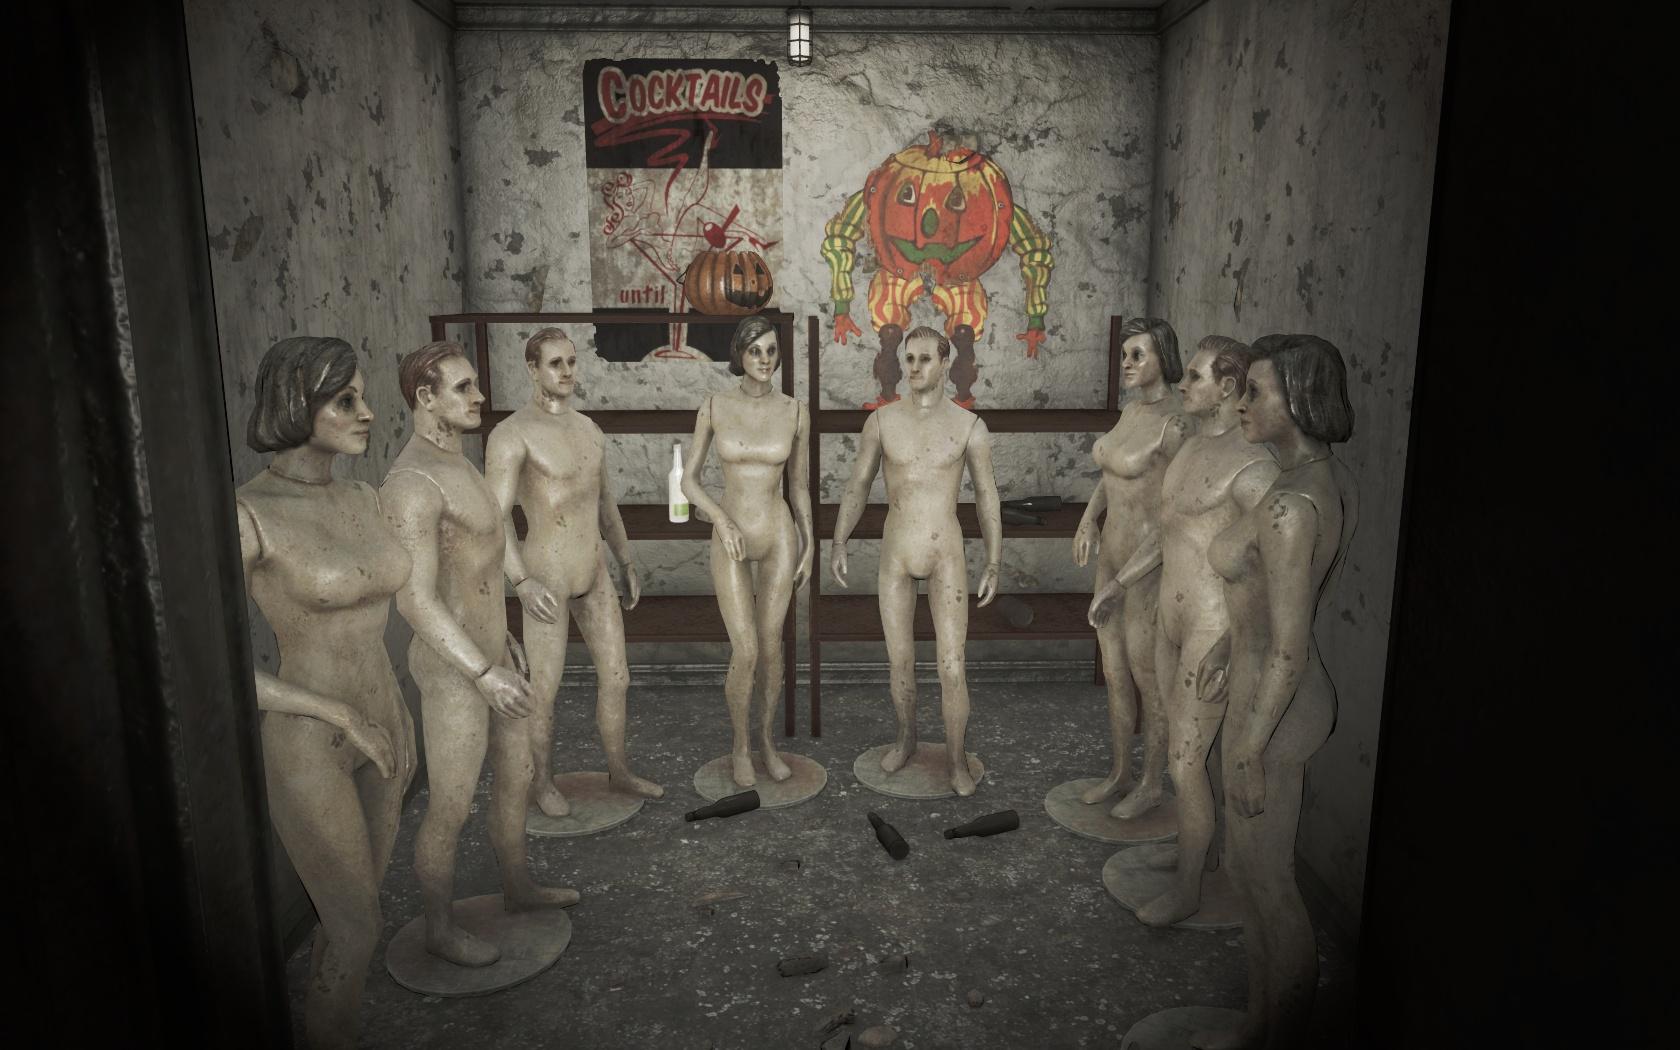 Корпоративчик в самом разгаре (Психиатрическая больница Парсонс) - Fallout 4 больница, манекен, Парсонс, Психиатрическая больница Парсонс